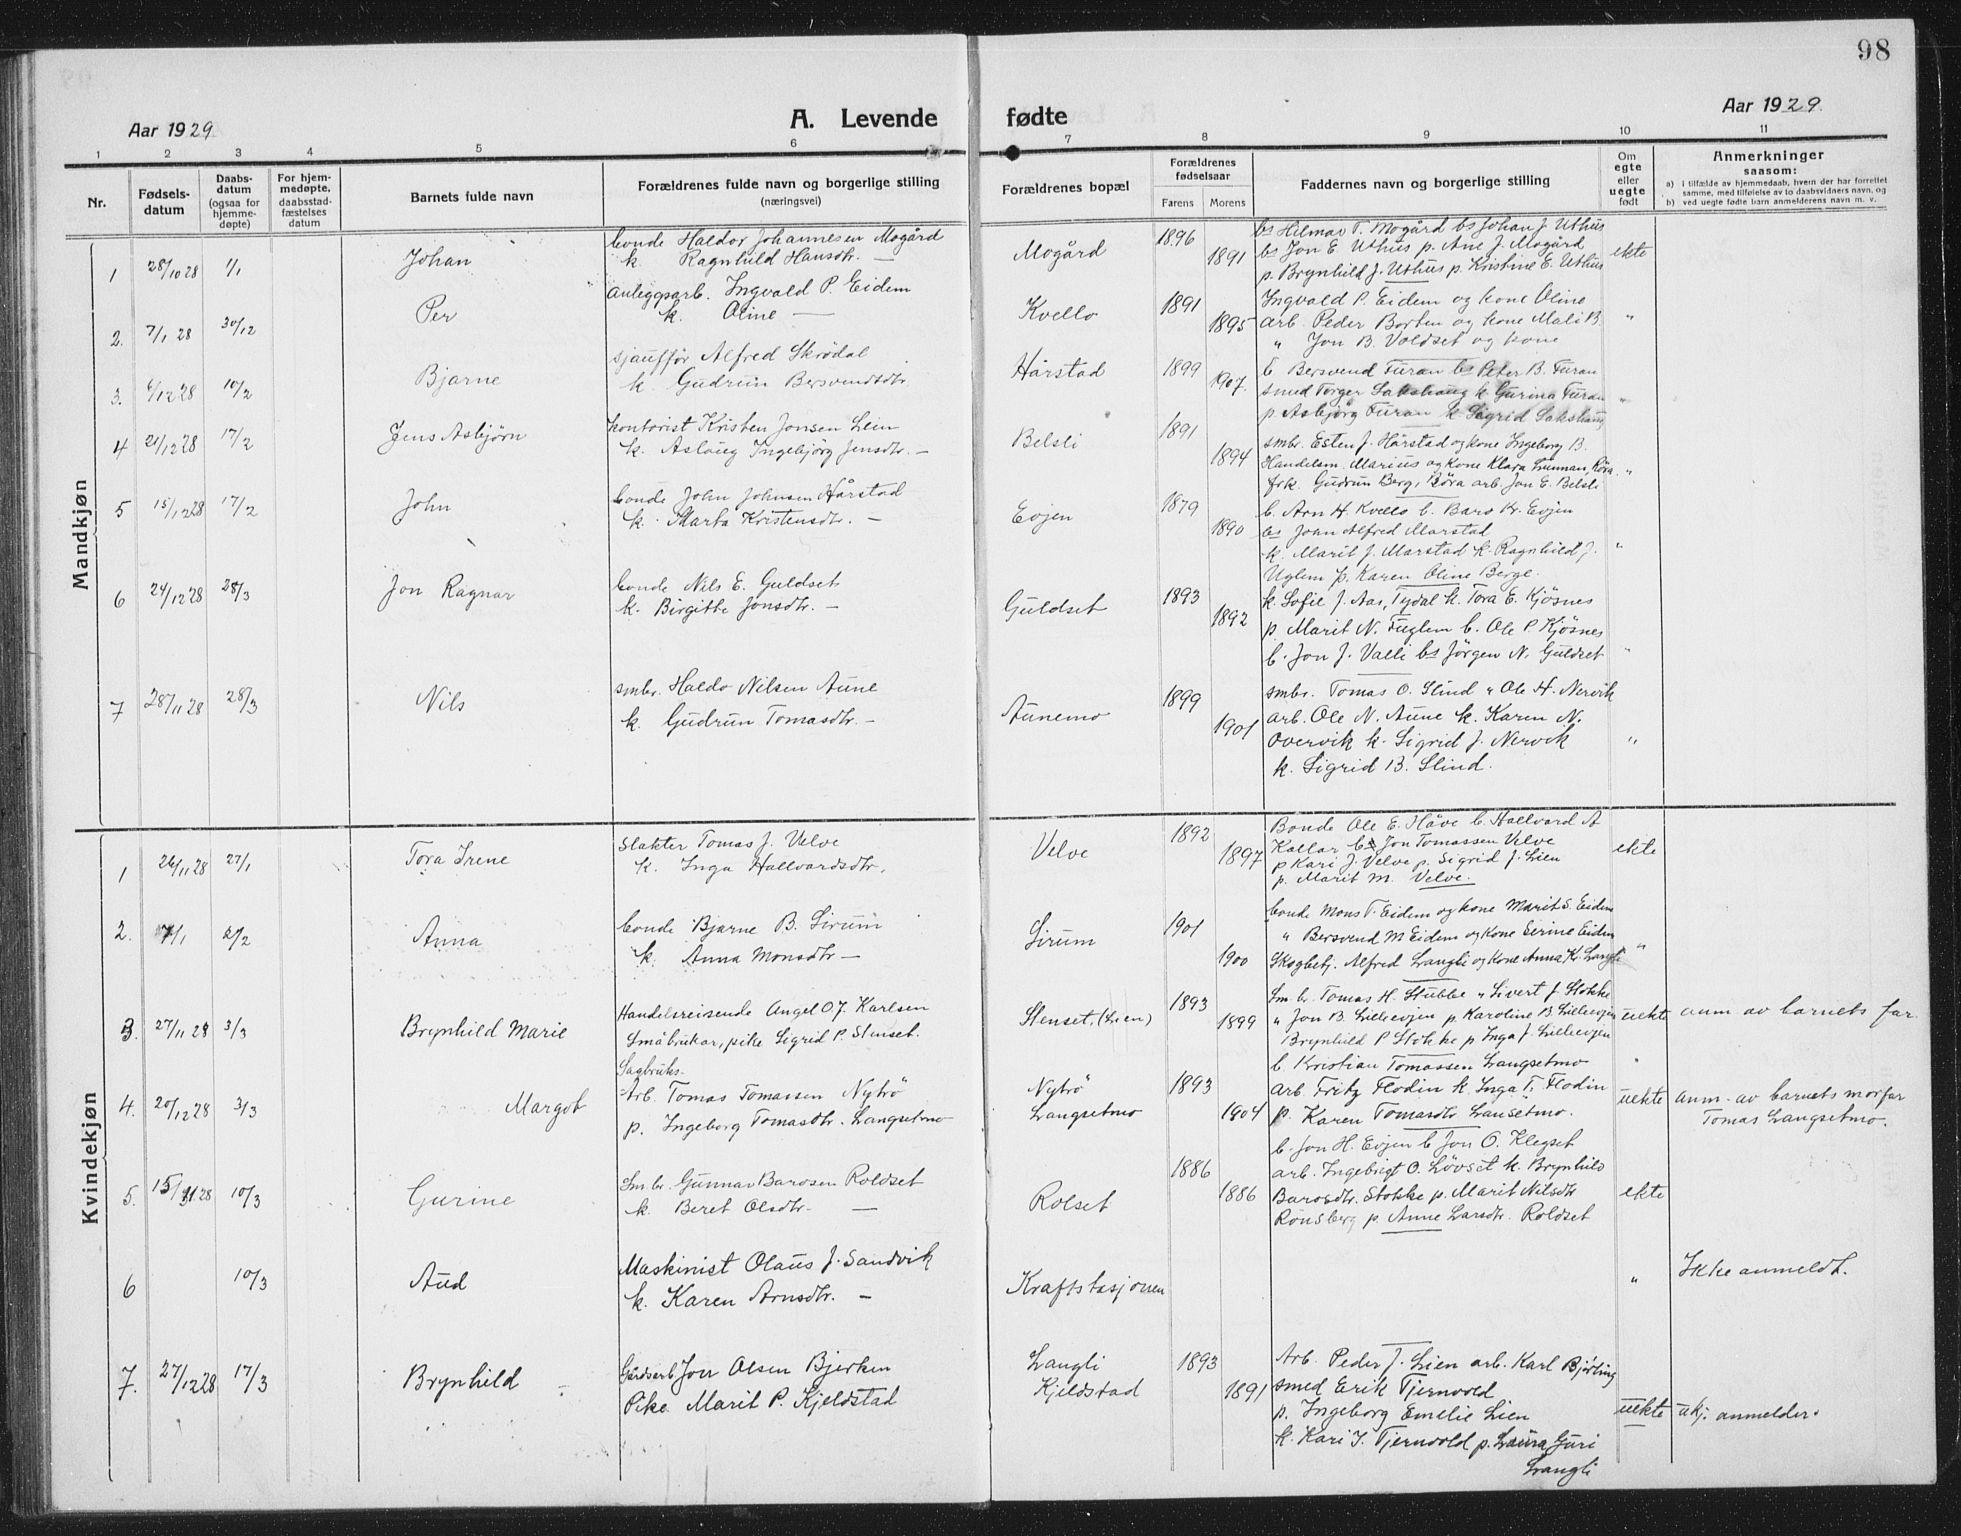 SAT, Ministerialprotokoller, klokkerbøker og fødselsregistre - Sør-Trøndelag, 695/L1158: Klokkerbok nr. 695C09, 1913-1940, s. 98